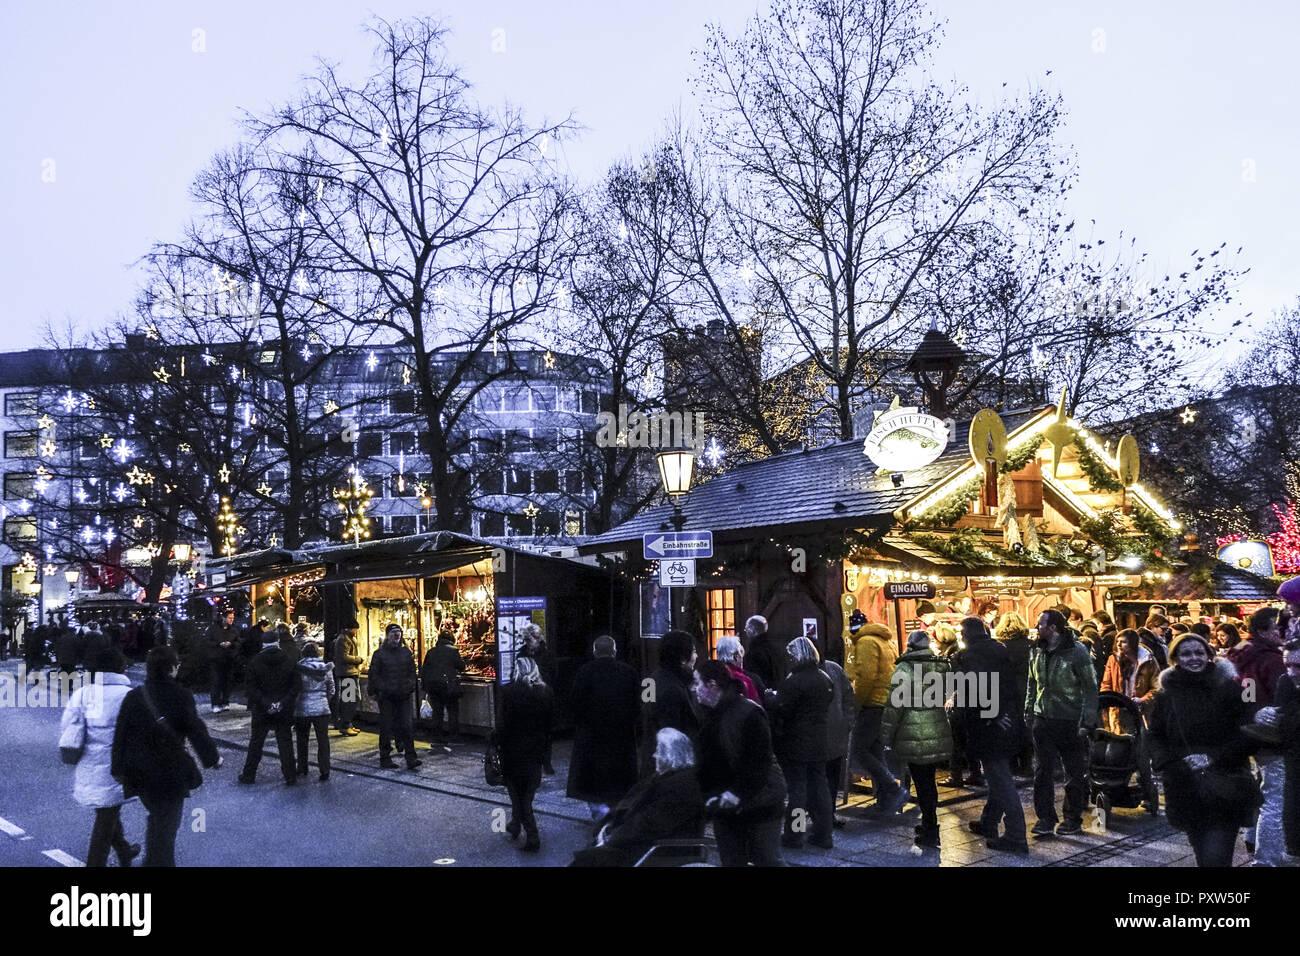 Deutschland Weihnachtsmarkt.Weihnachtsmarkt In München Bayern Deutschland Christmas Market In